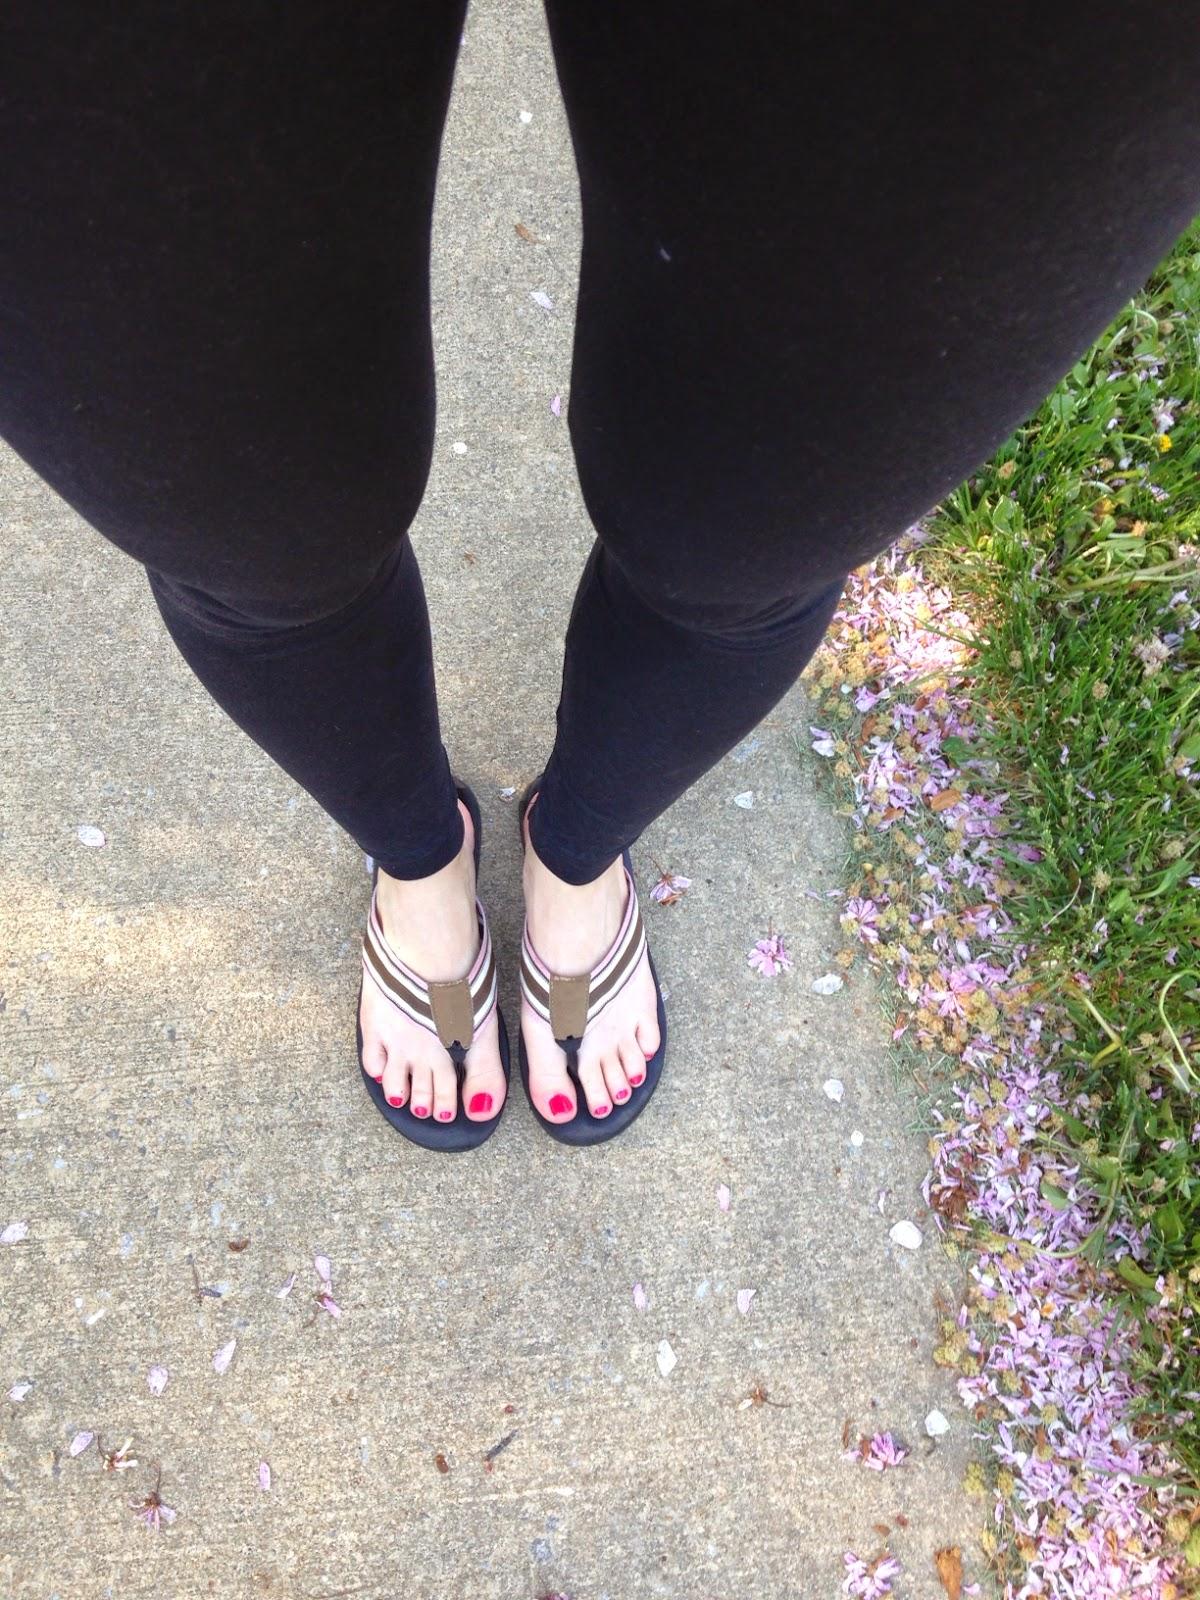 Hot amateur flip flop